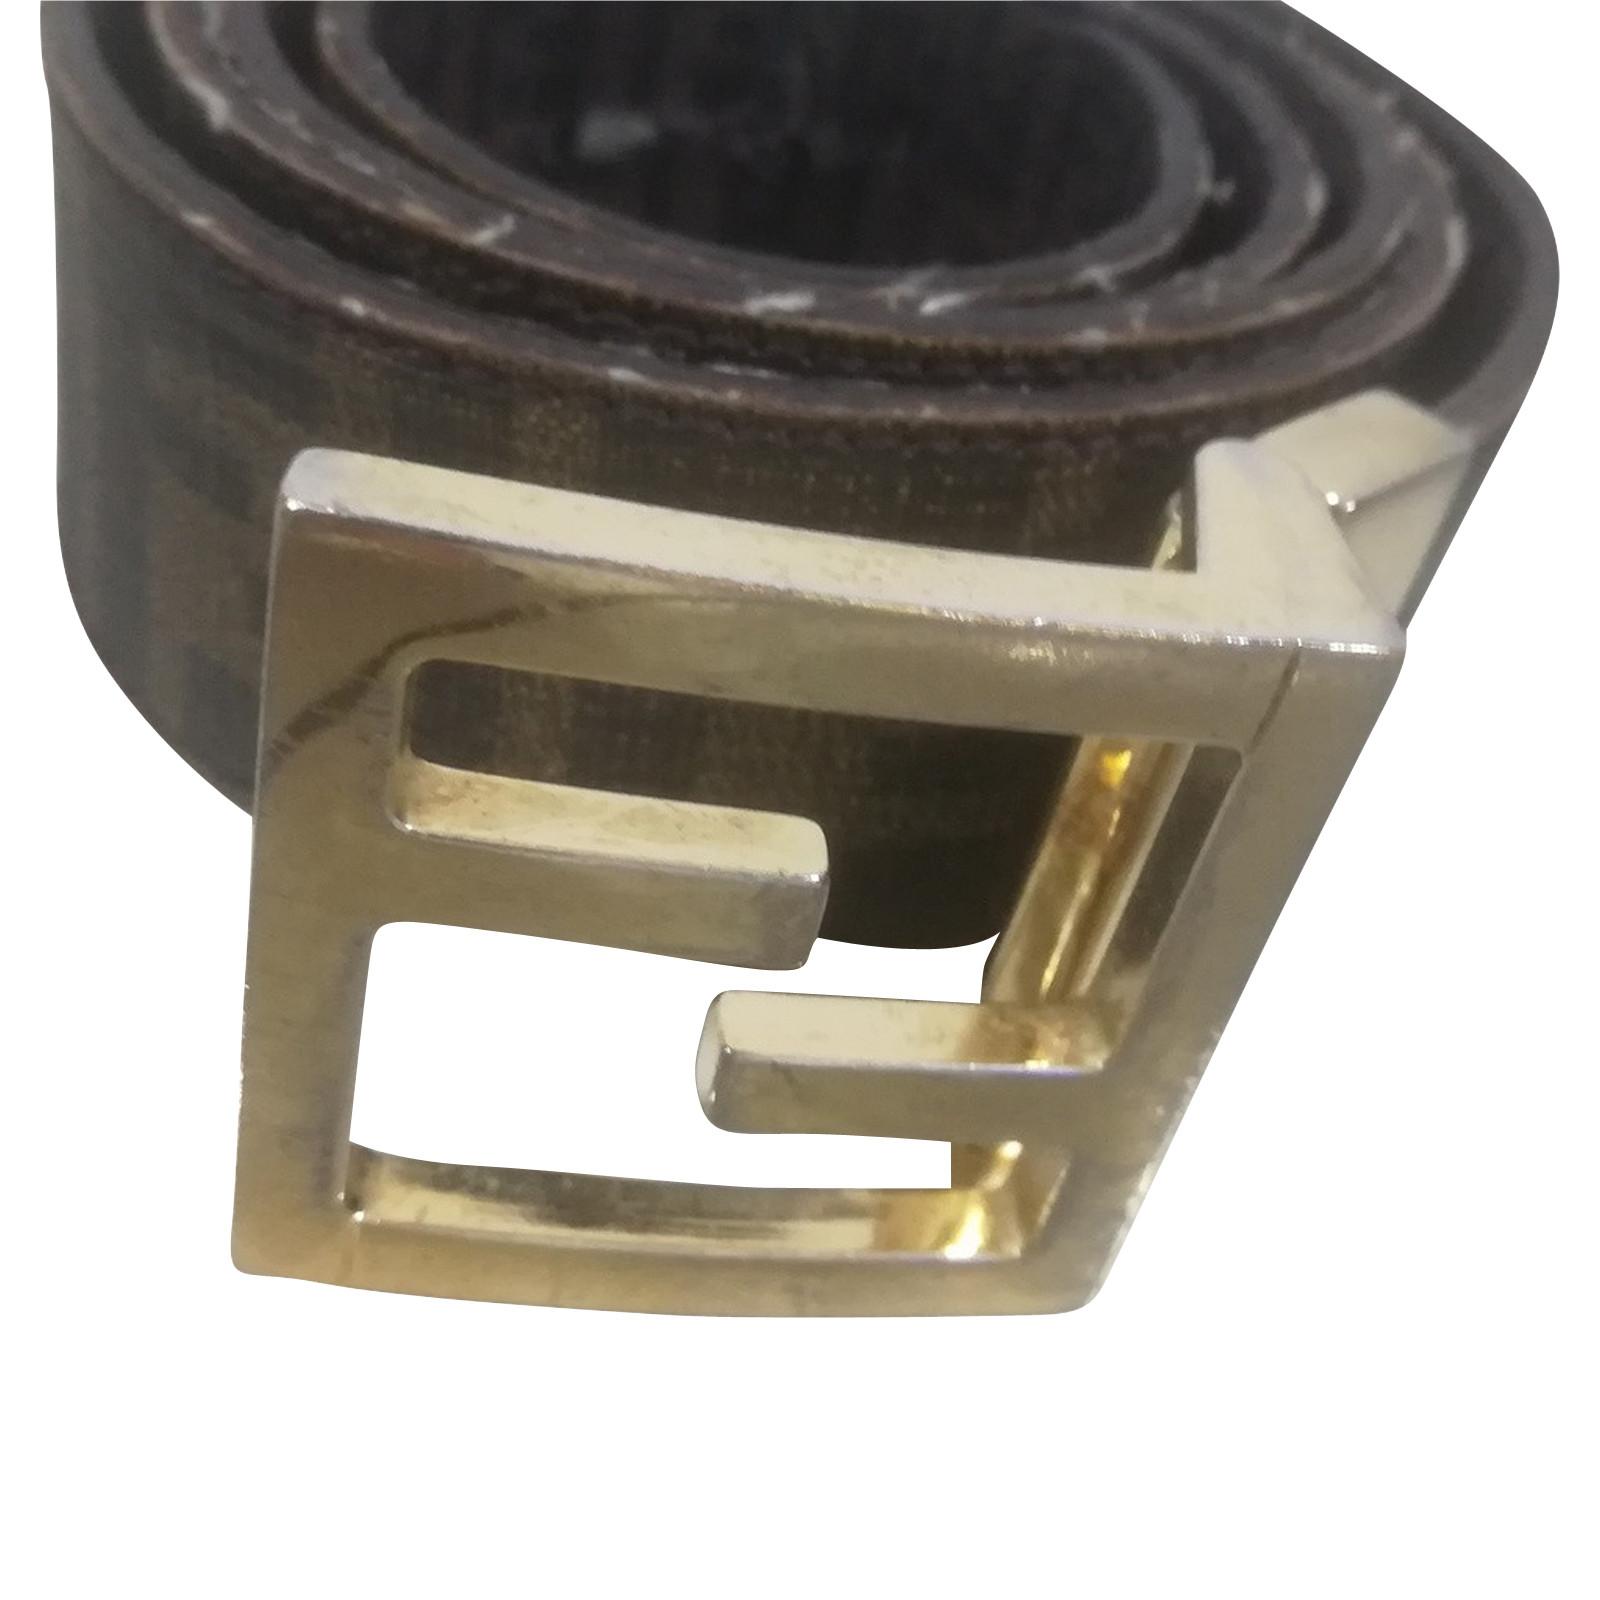 Fendi Belt In Brown Second Hand Fendi Belt In Brown Buy Used For 110 4773165 Scopri le migliori offerte, subito a casa, in tutta sicurezza. rebelle